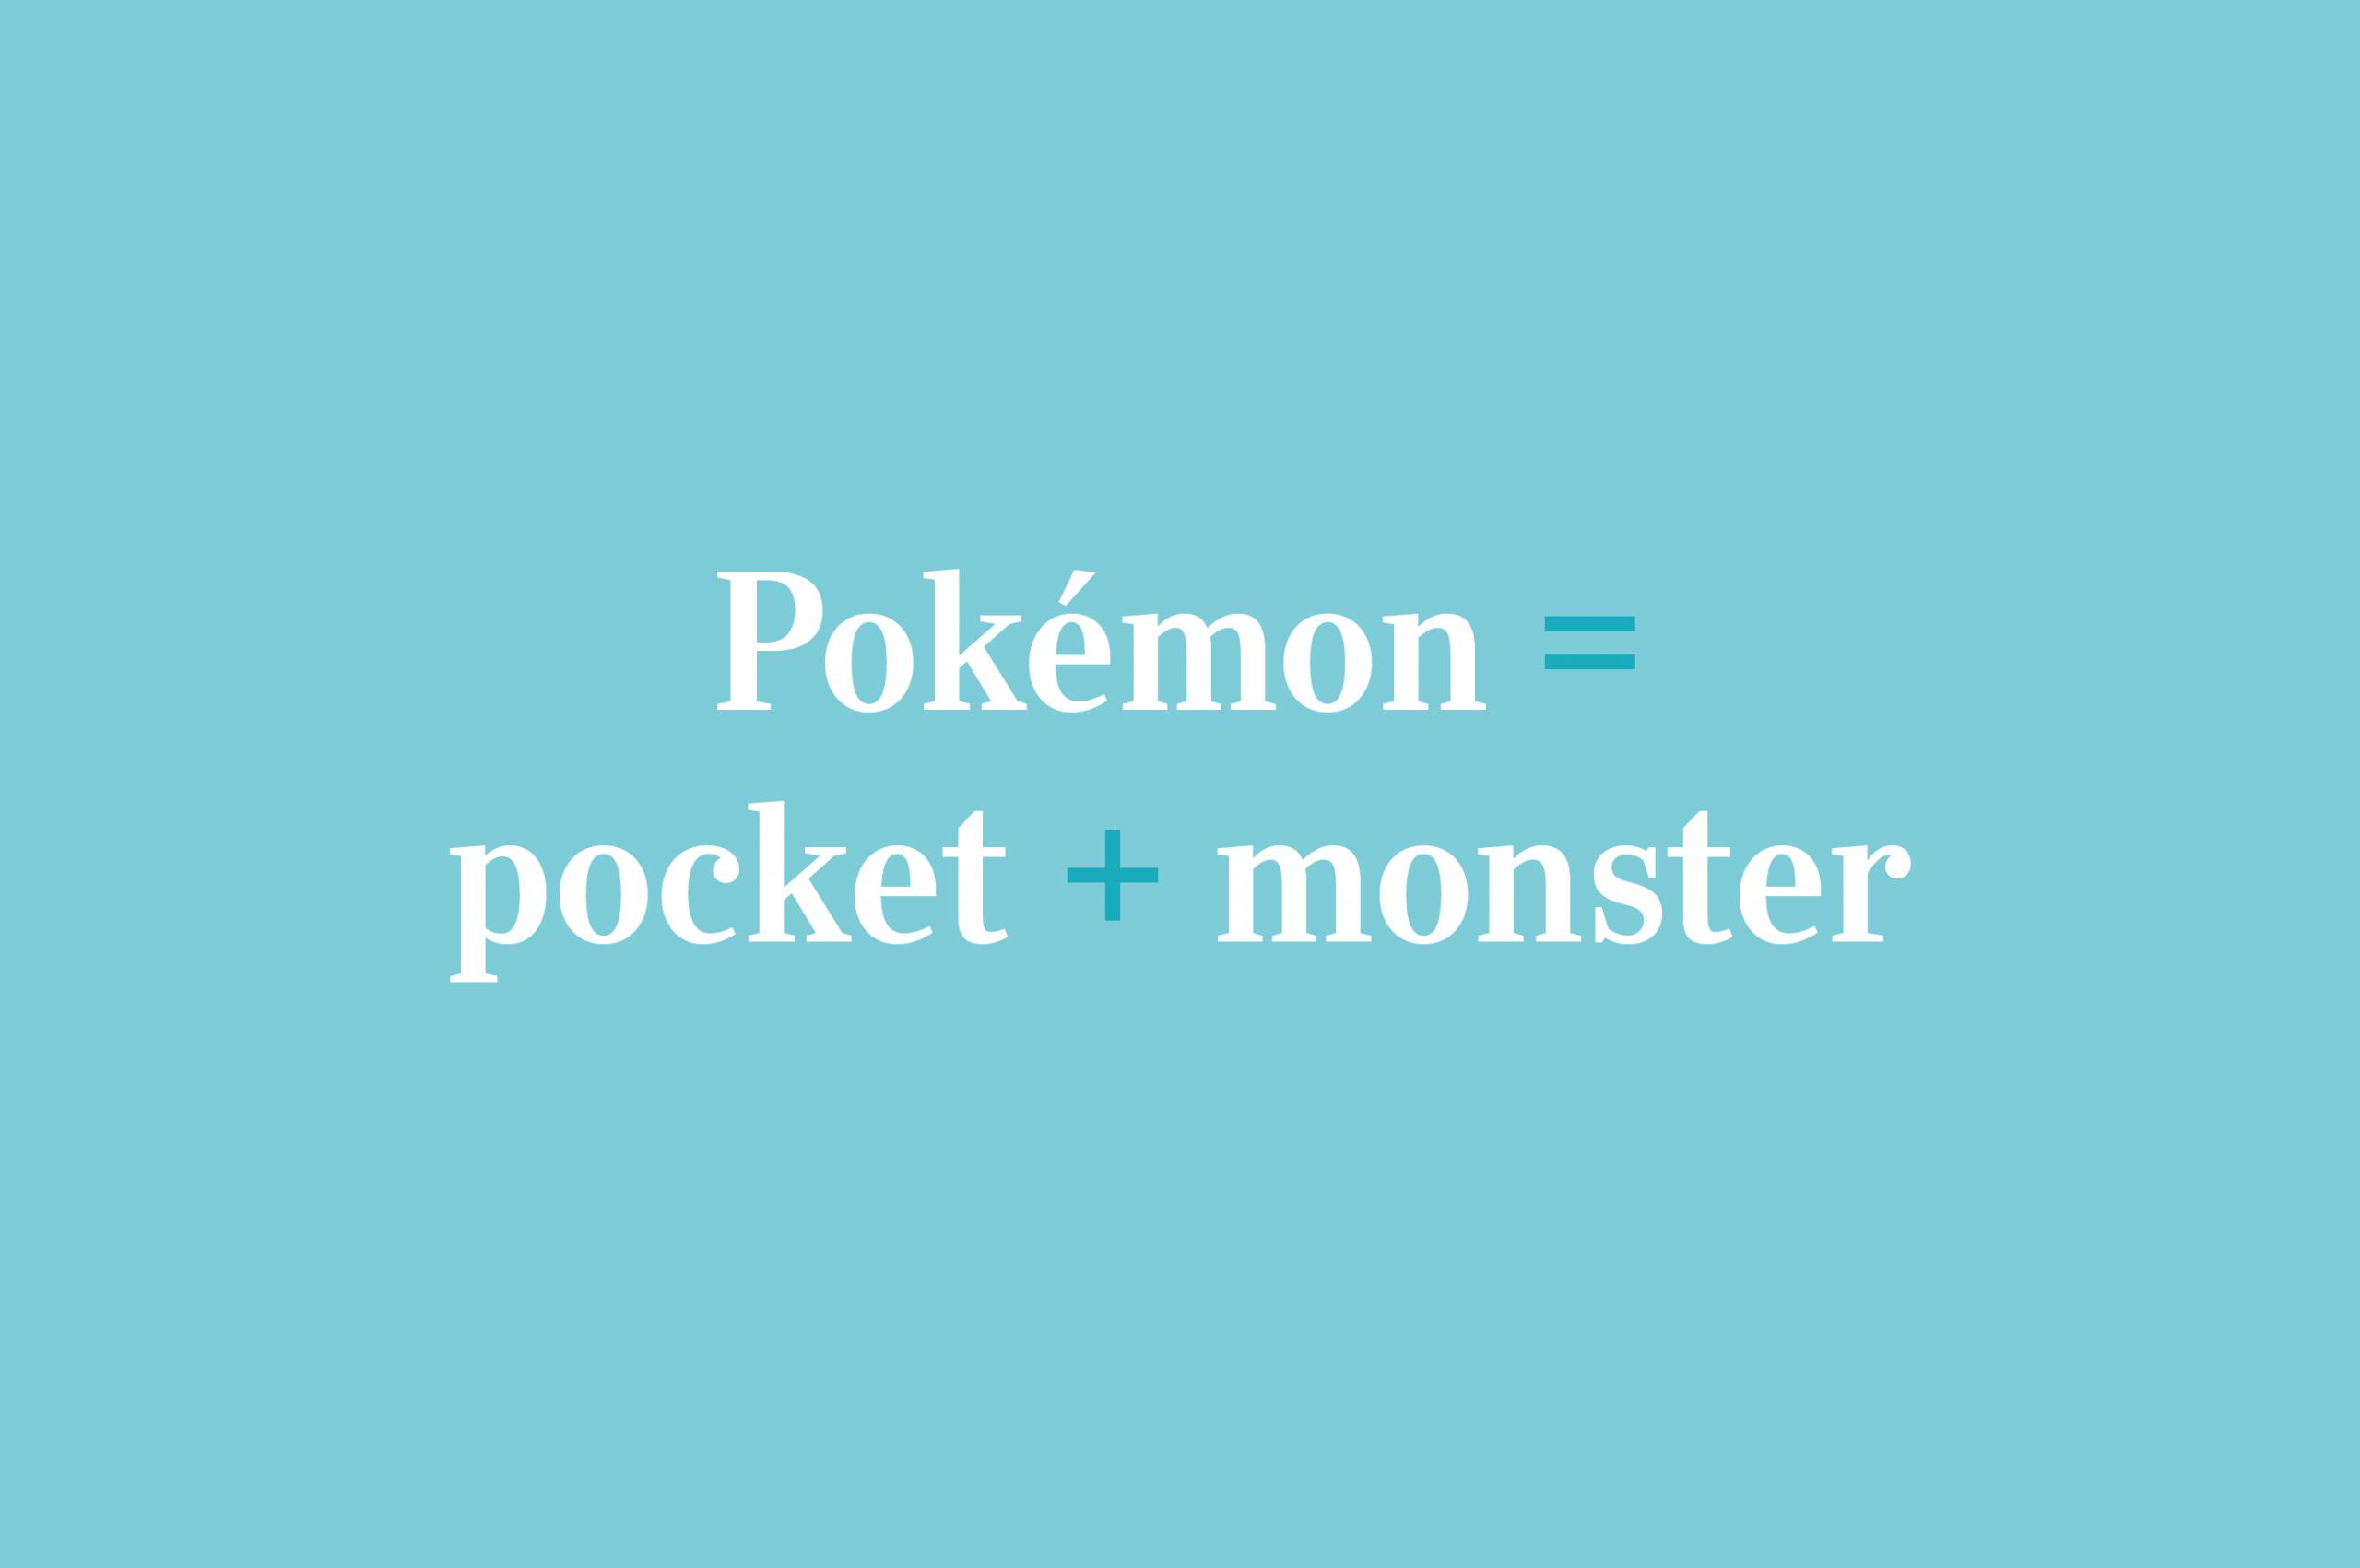 Pokemon = Pocket + monster